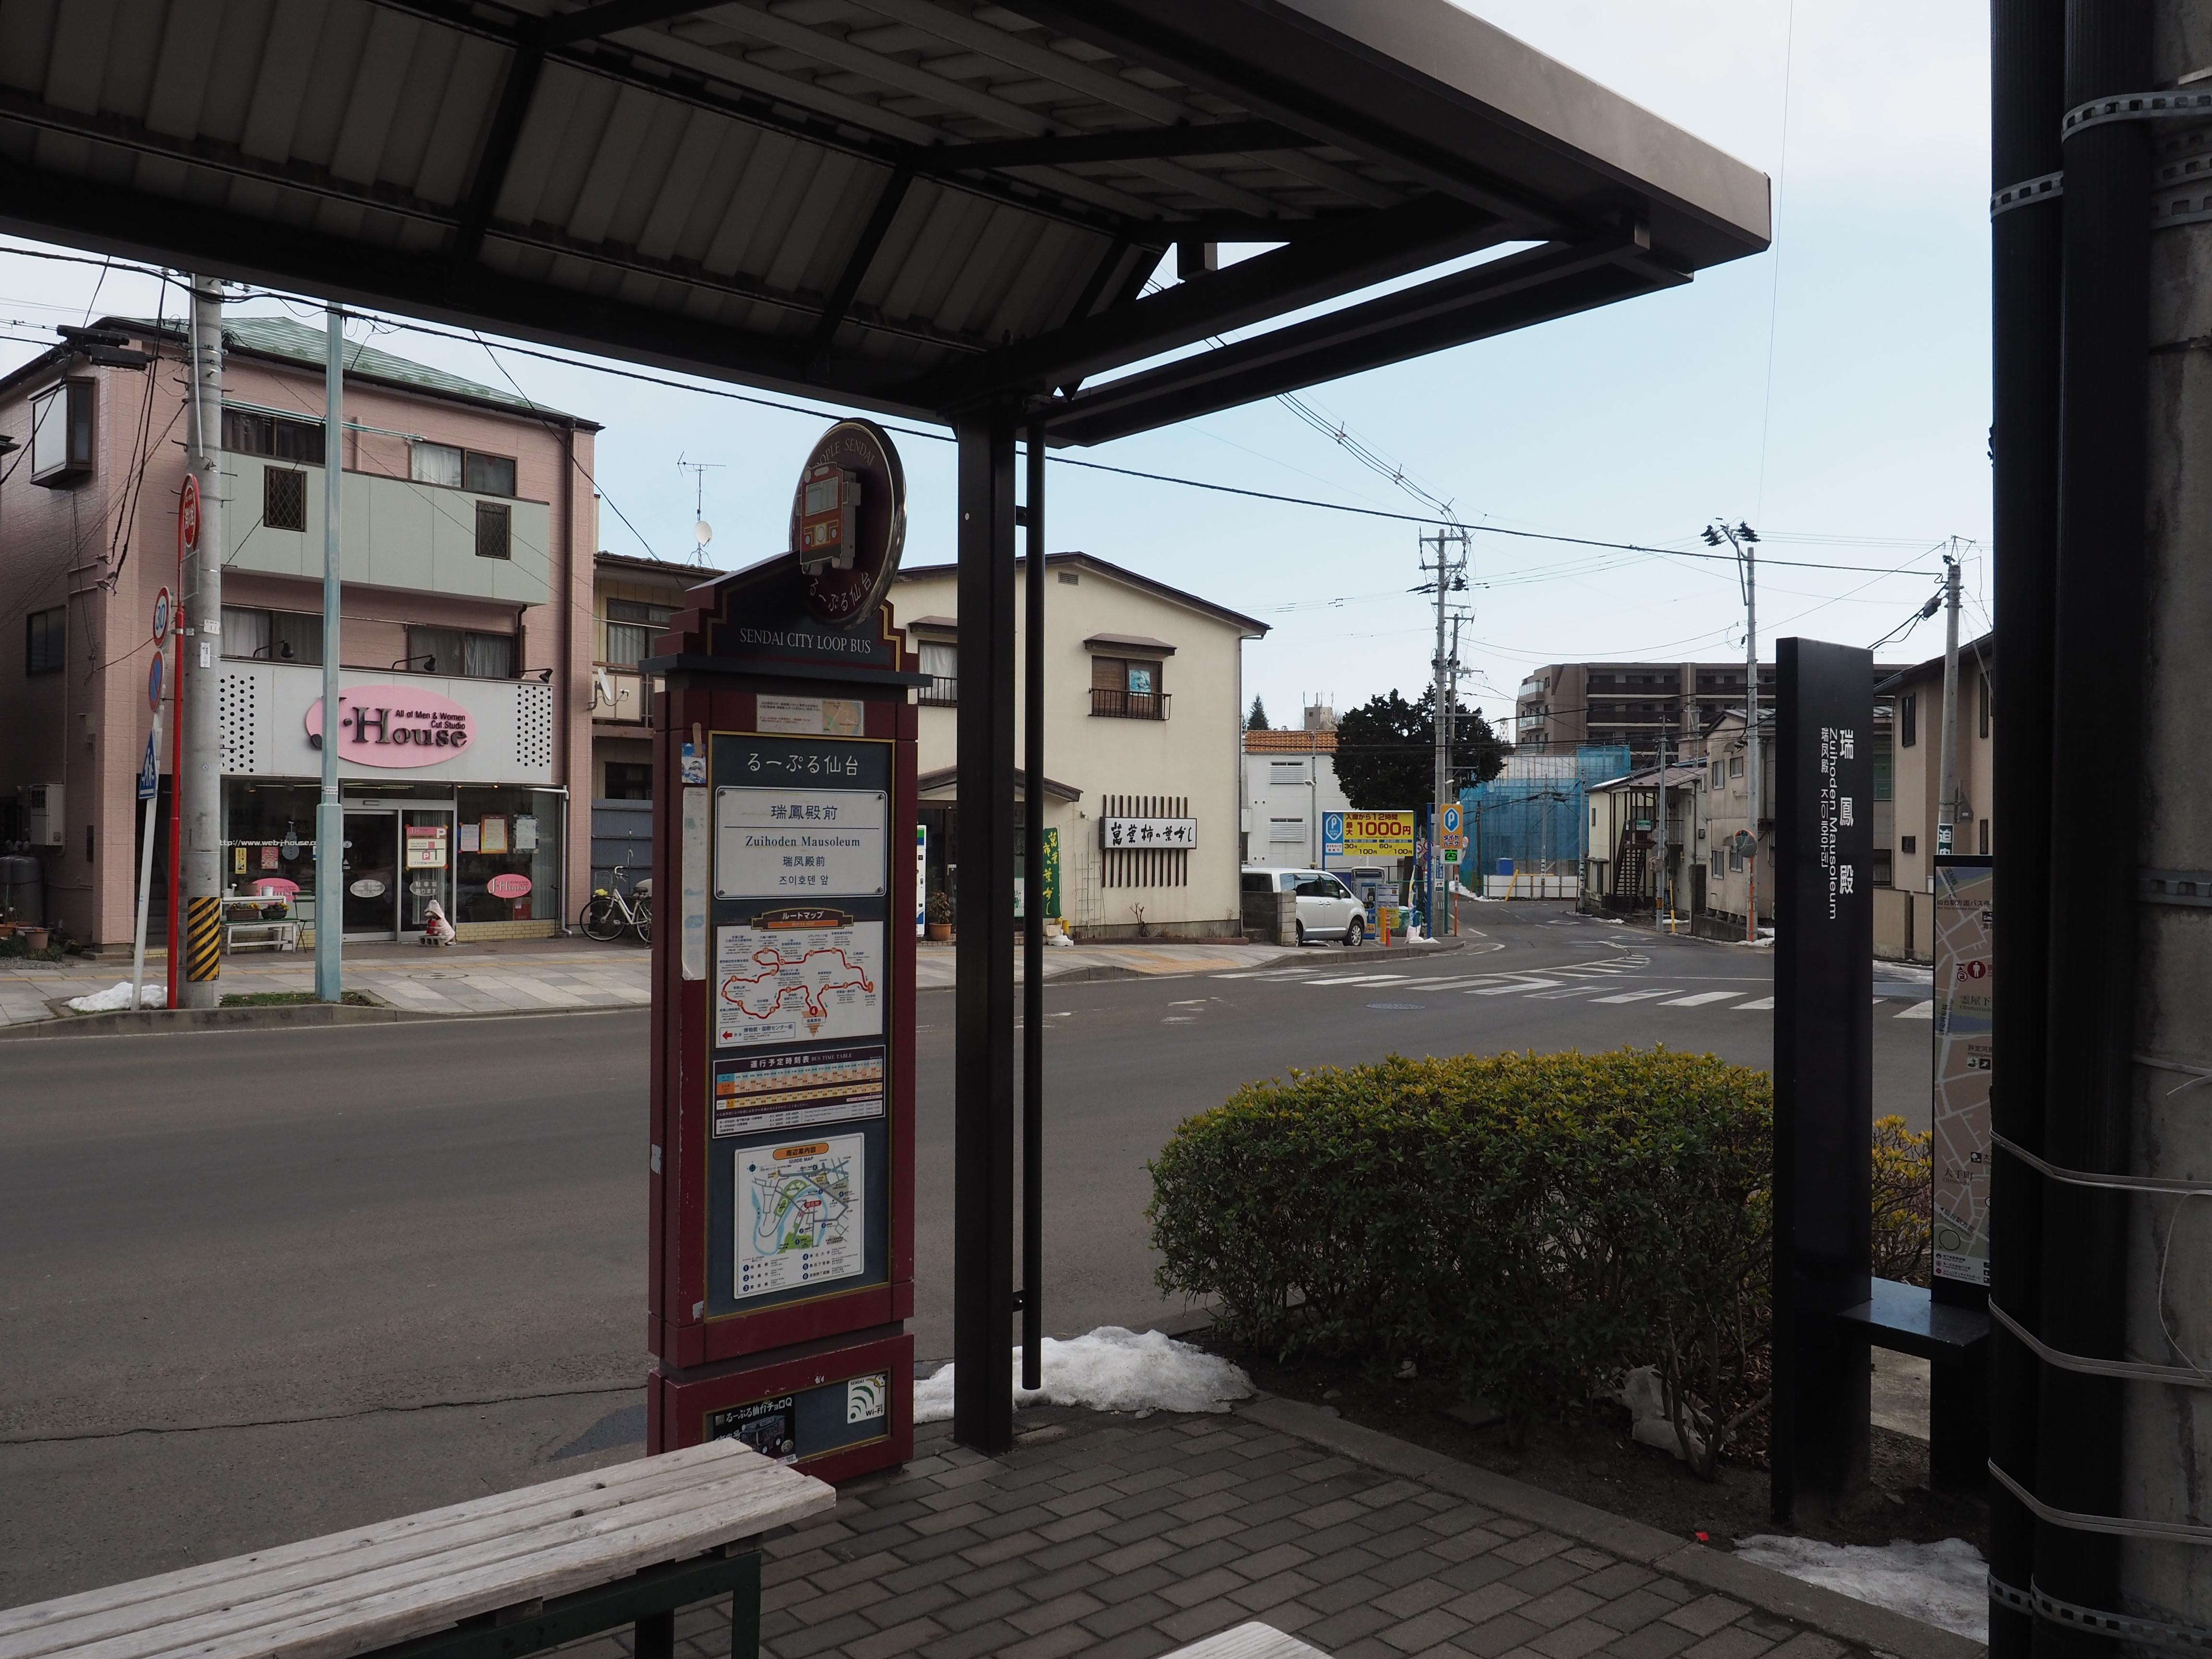 るーぷる瑞宝殿のバス停